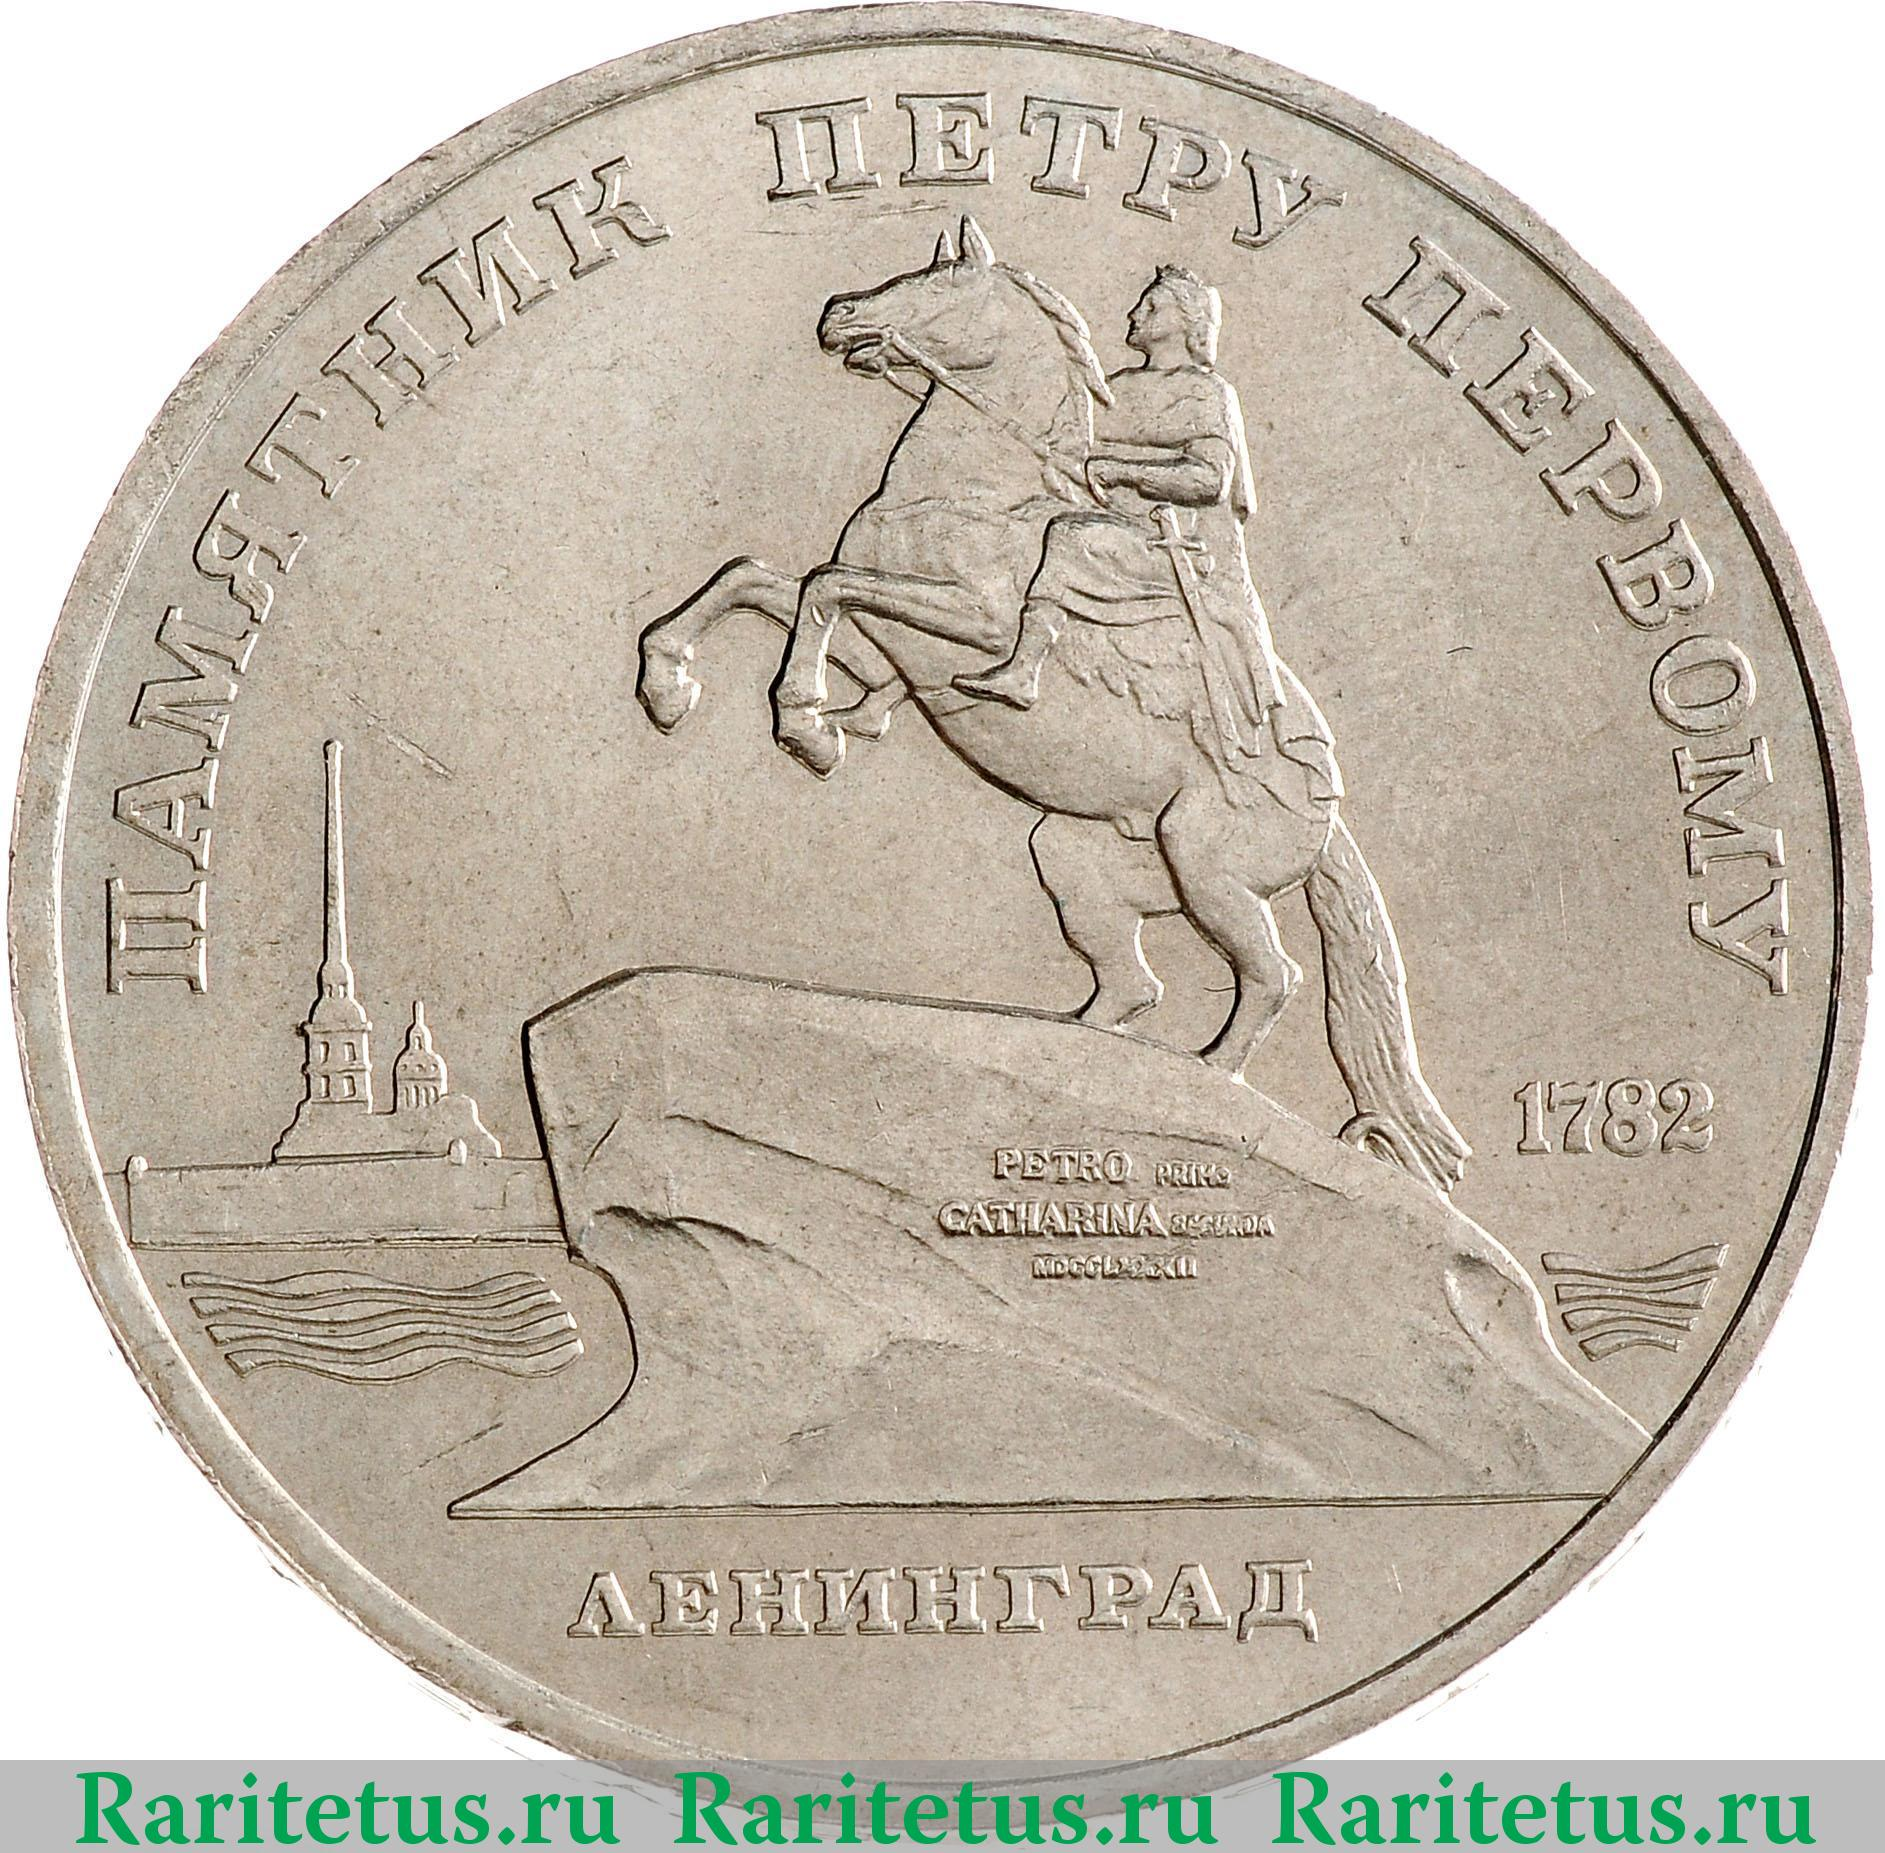 5 рублей 1988 года стоимость выпуск юбилейные монет 2015